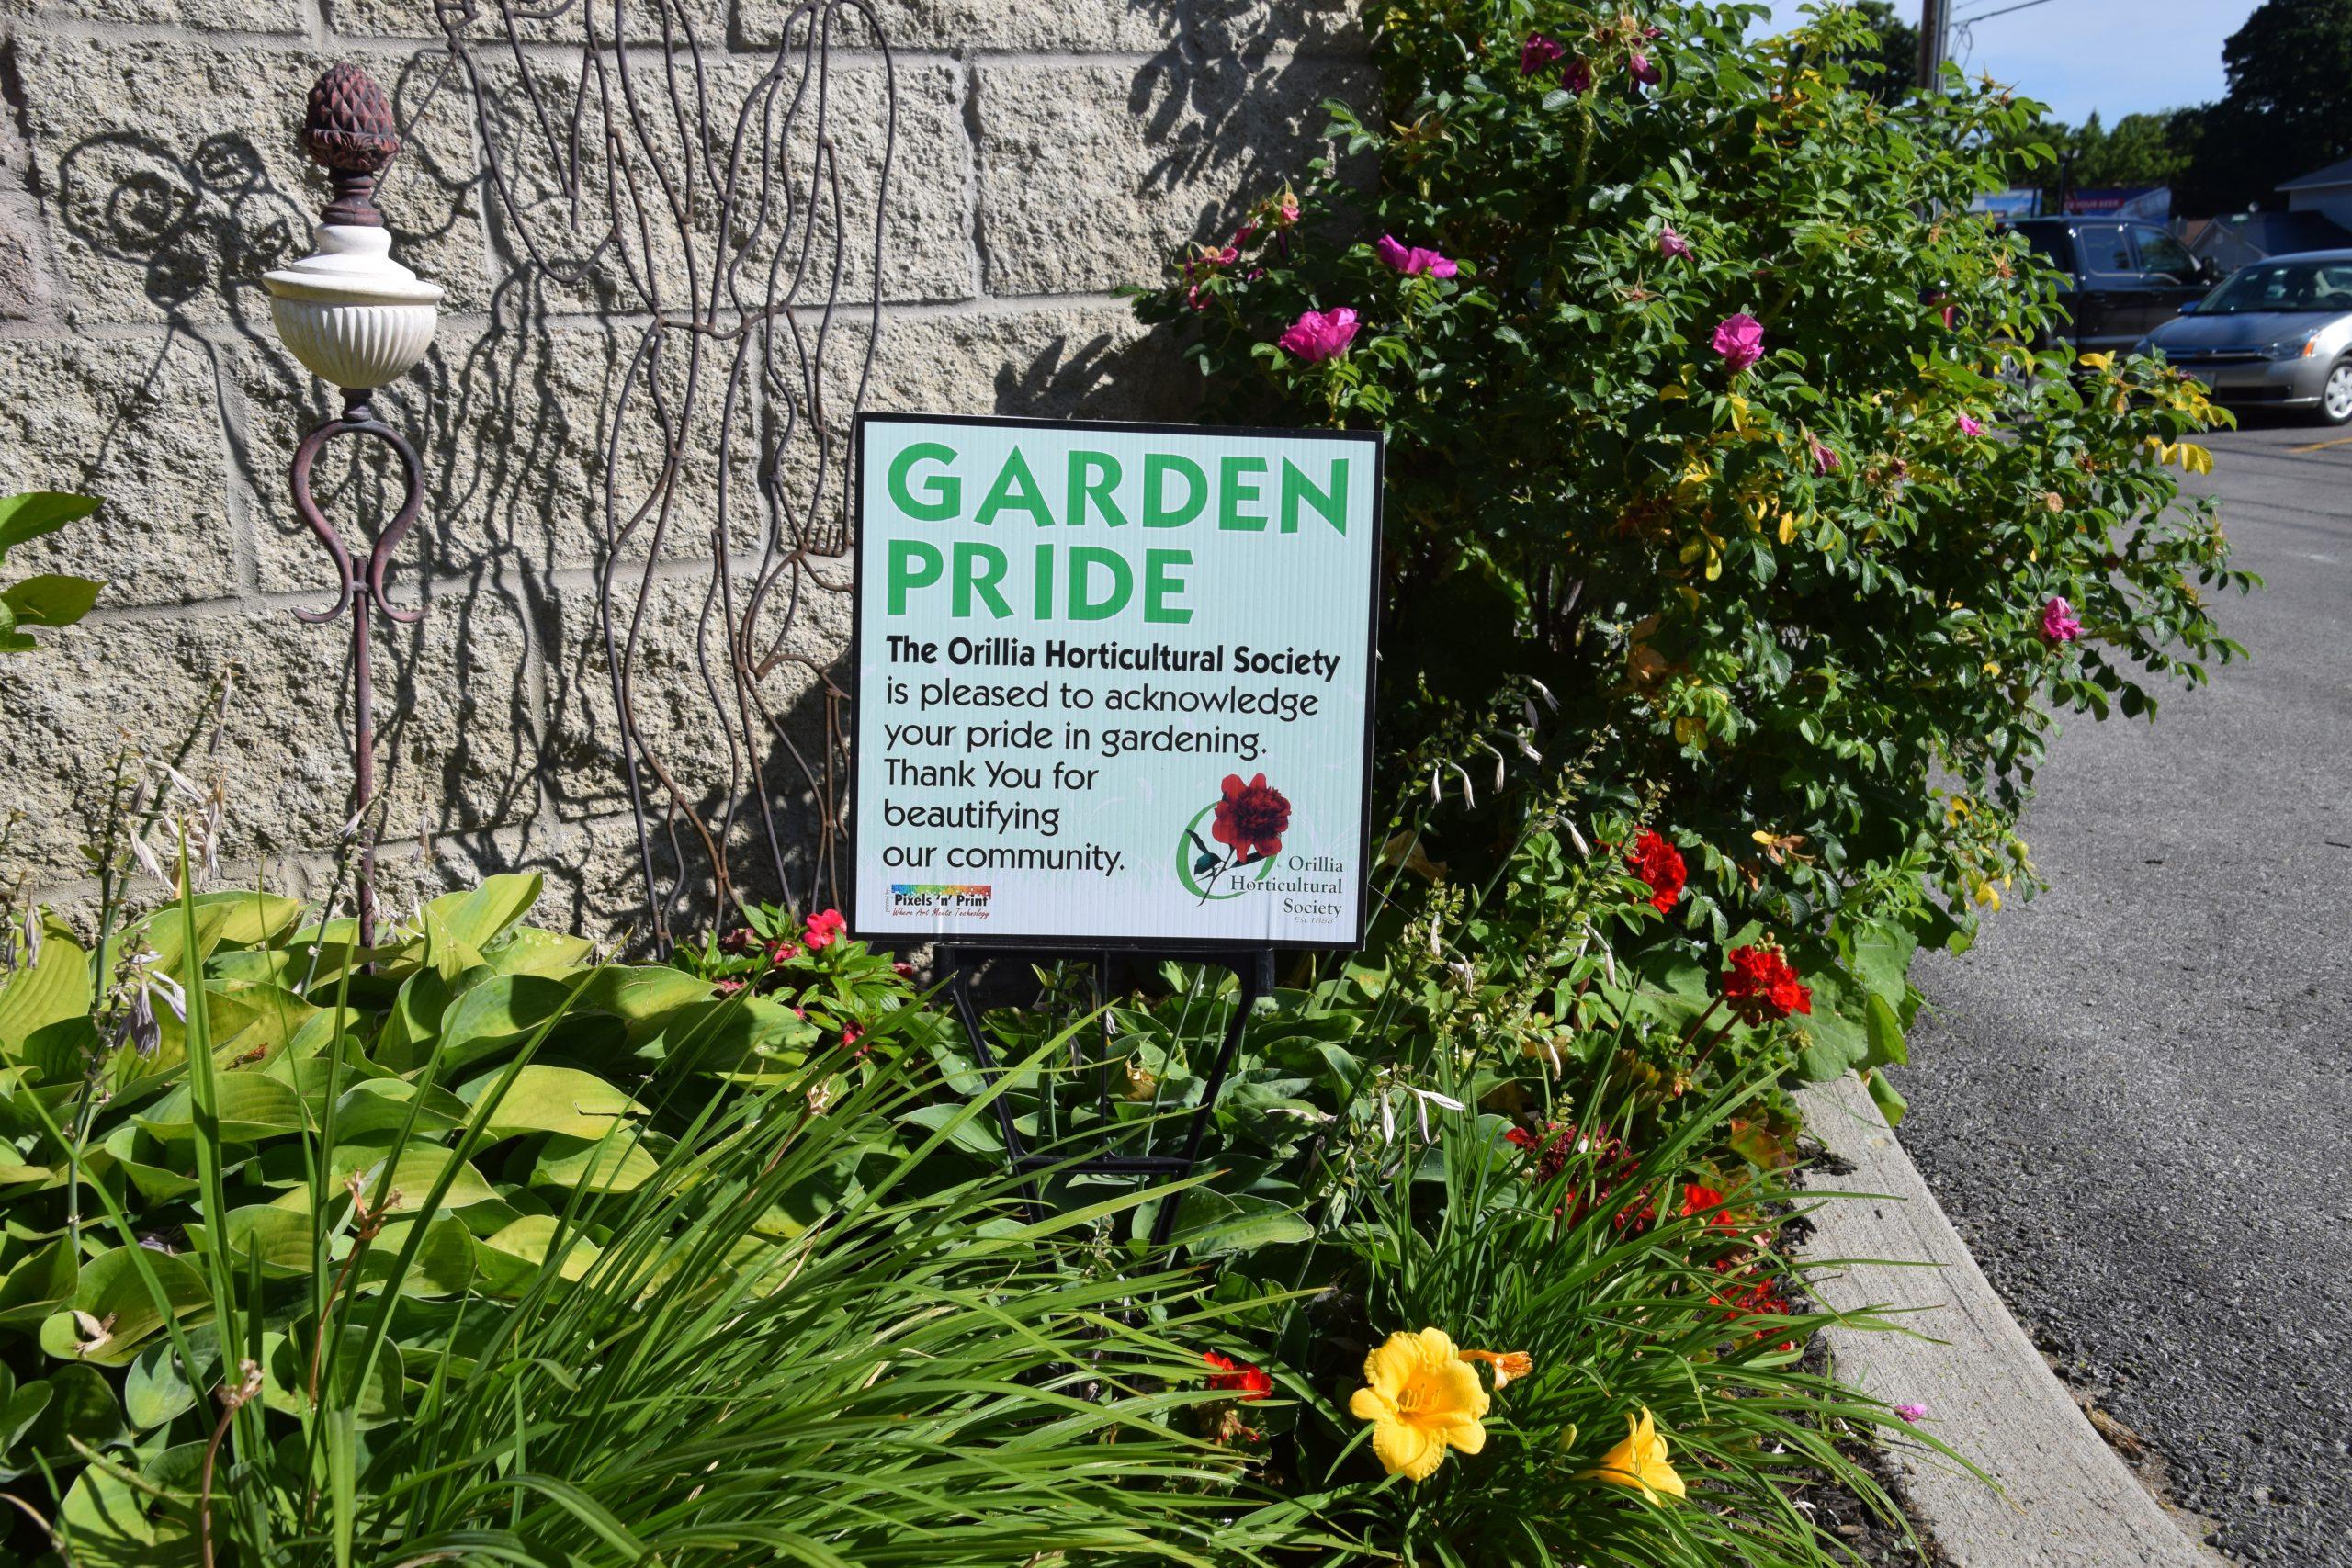 garden-pride-award